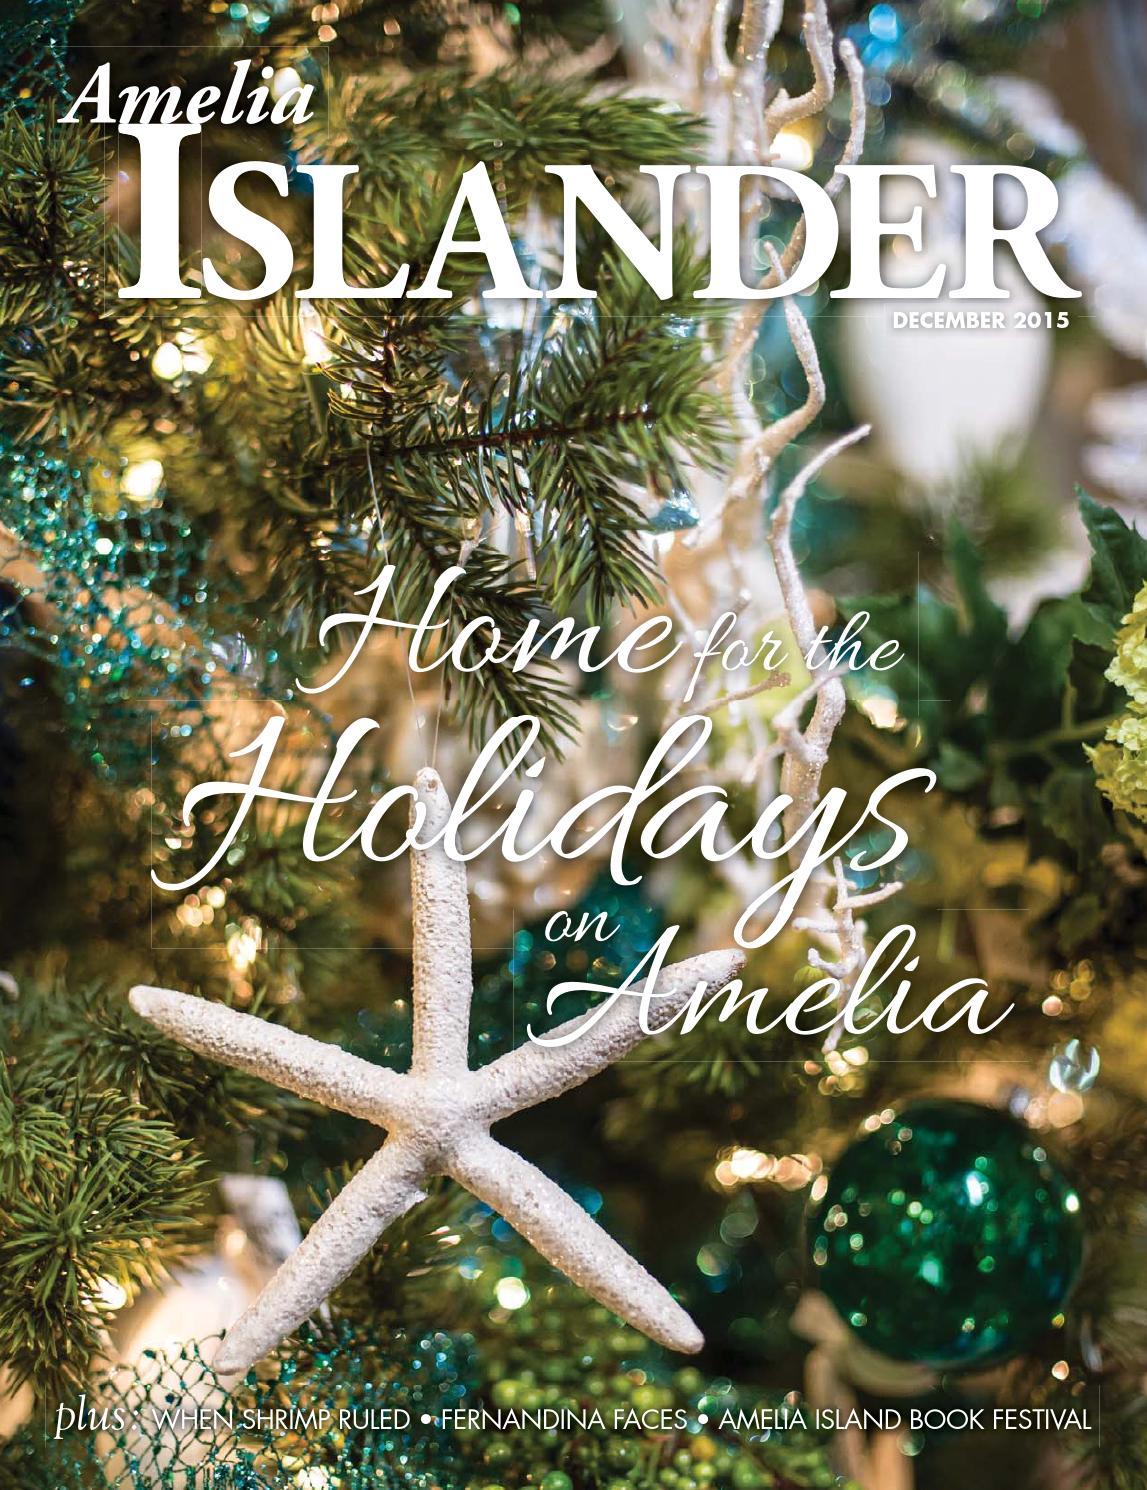 Amelia island christmas tree lighting at amelia island plantation - Amelia Island Christmas Tree Lighting At Amelia Island Plantation 53